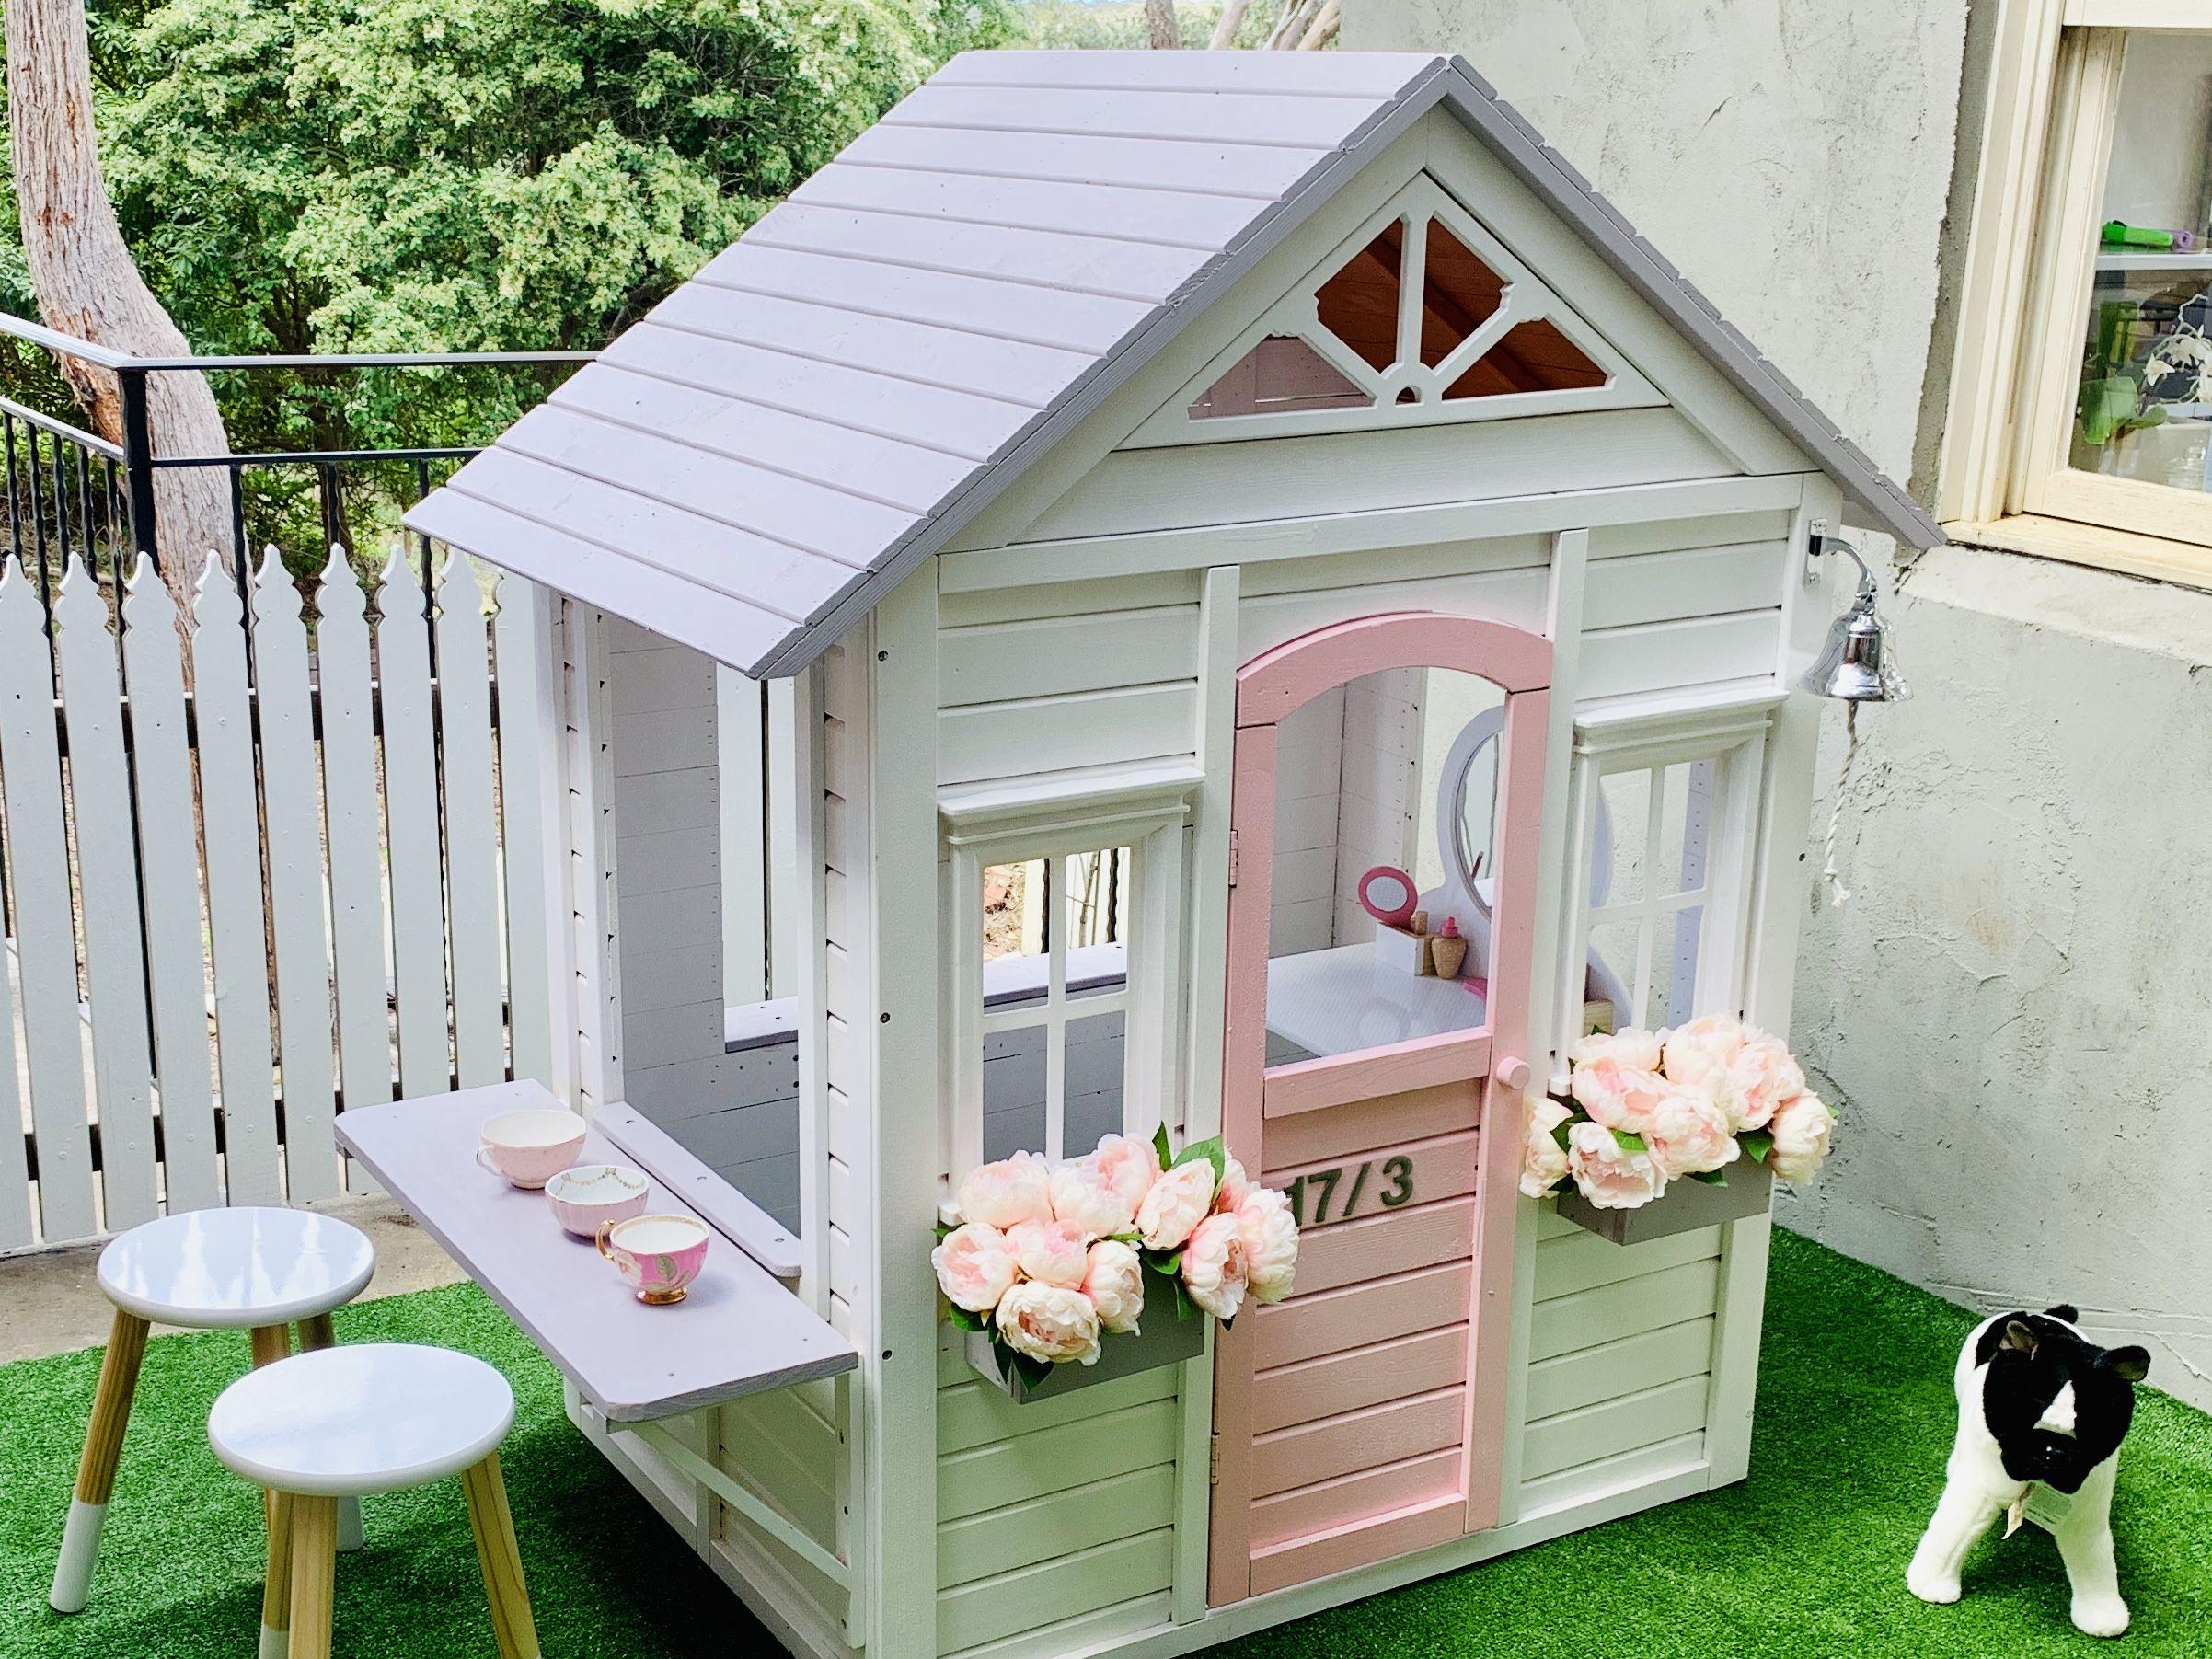 Casette Per Bambini Piccoli : Dream house casette da sogno per il giardino dei bambini